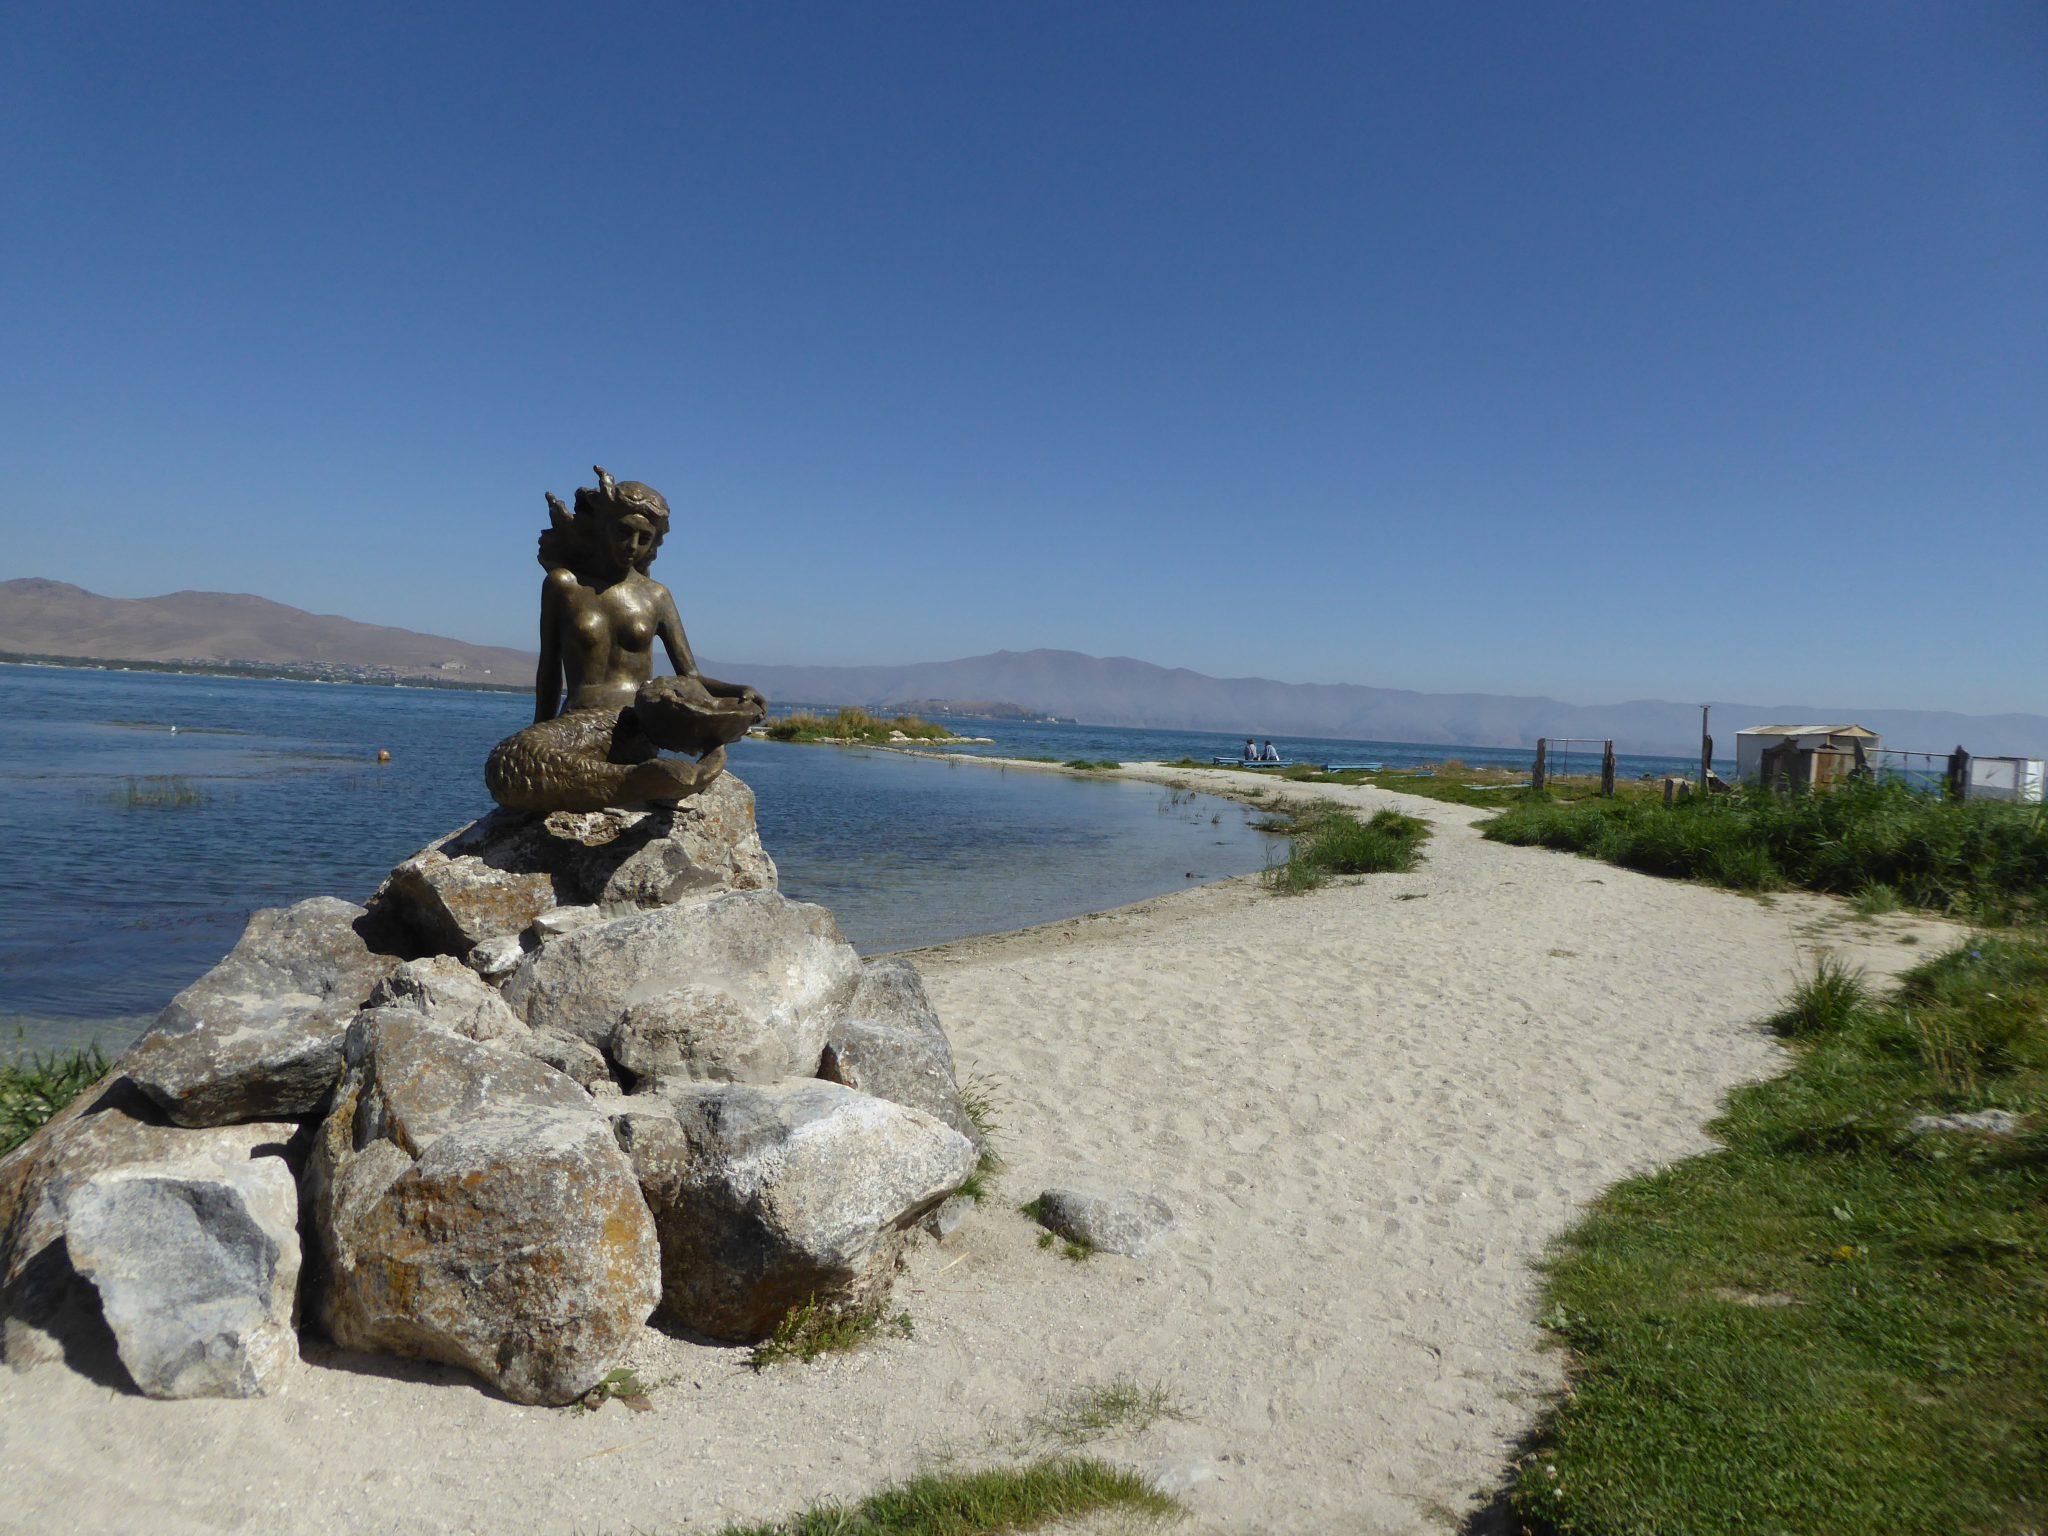 Здесь встретились дивная природа и 3000-летняя культура — статья Reise-Stories об Армении